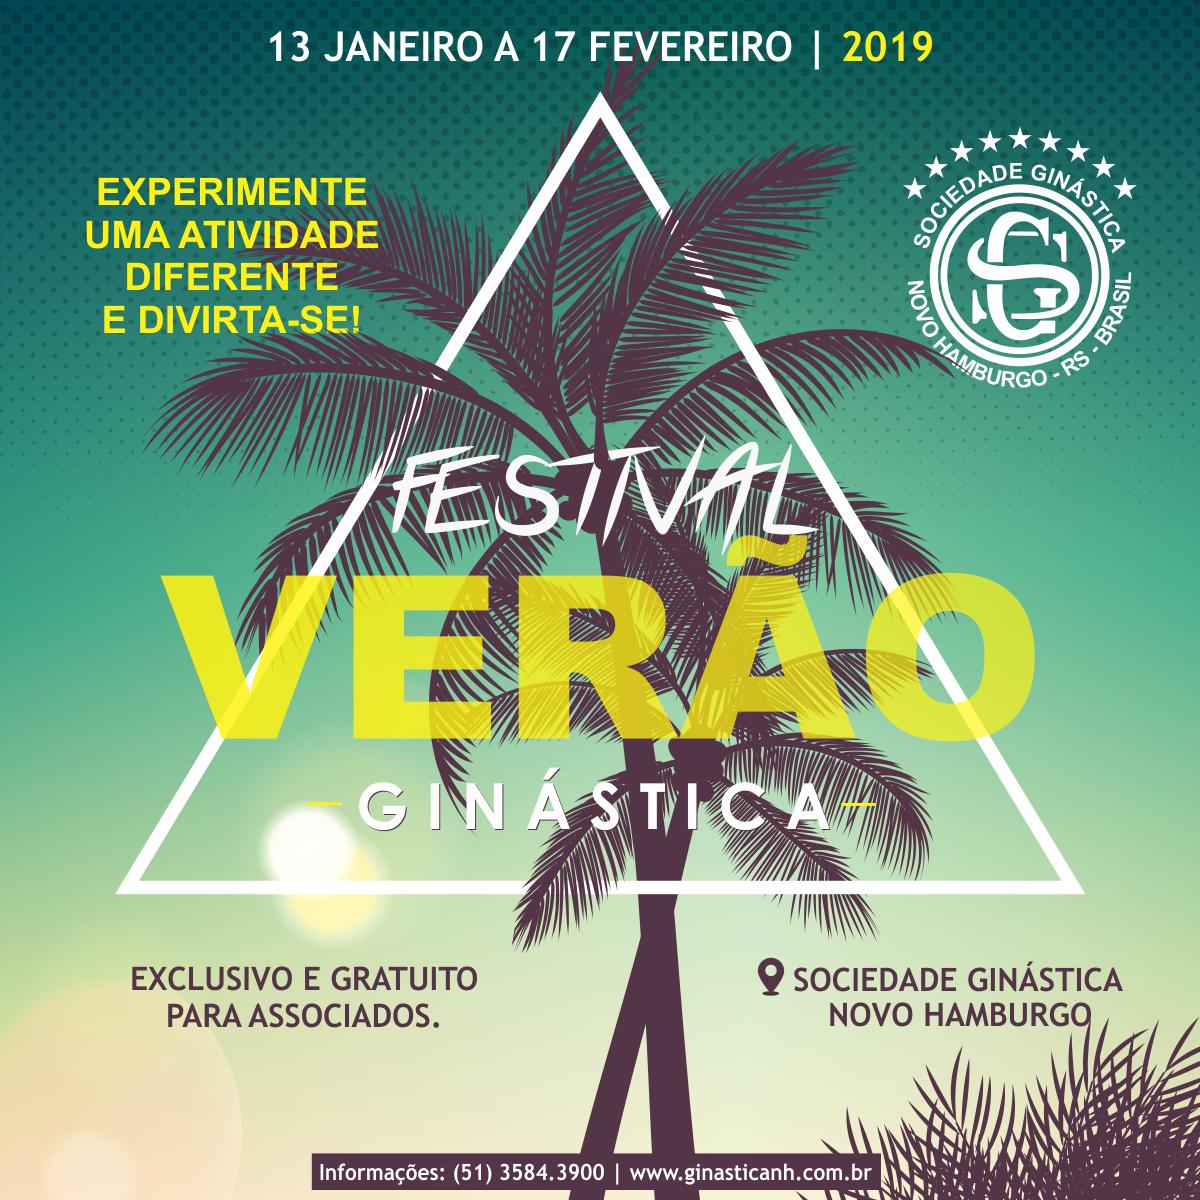 Festival Verão Ginástica promete divertir associados nas férias